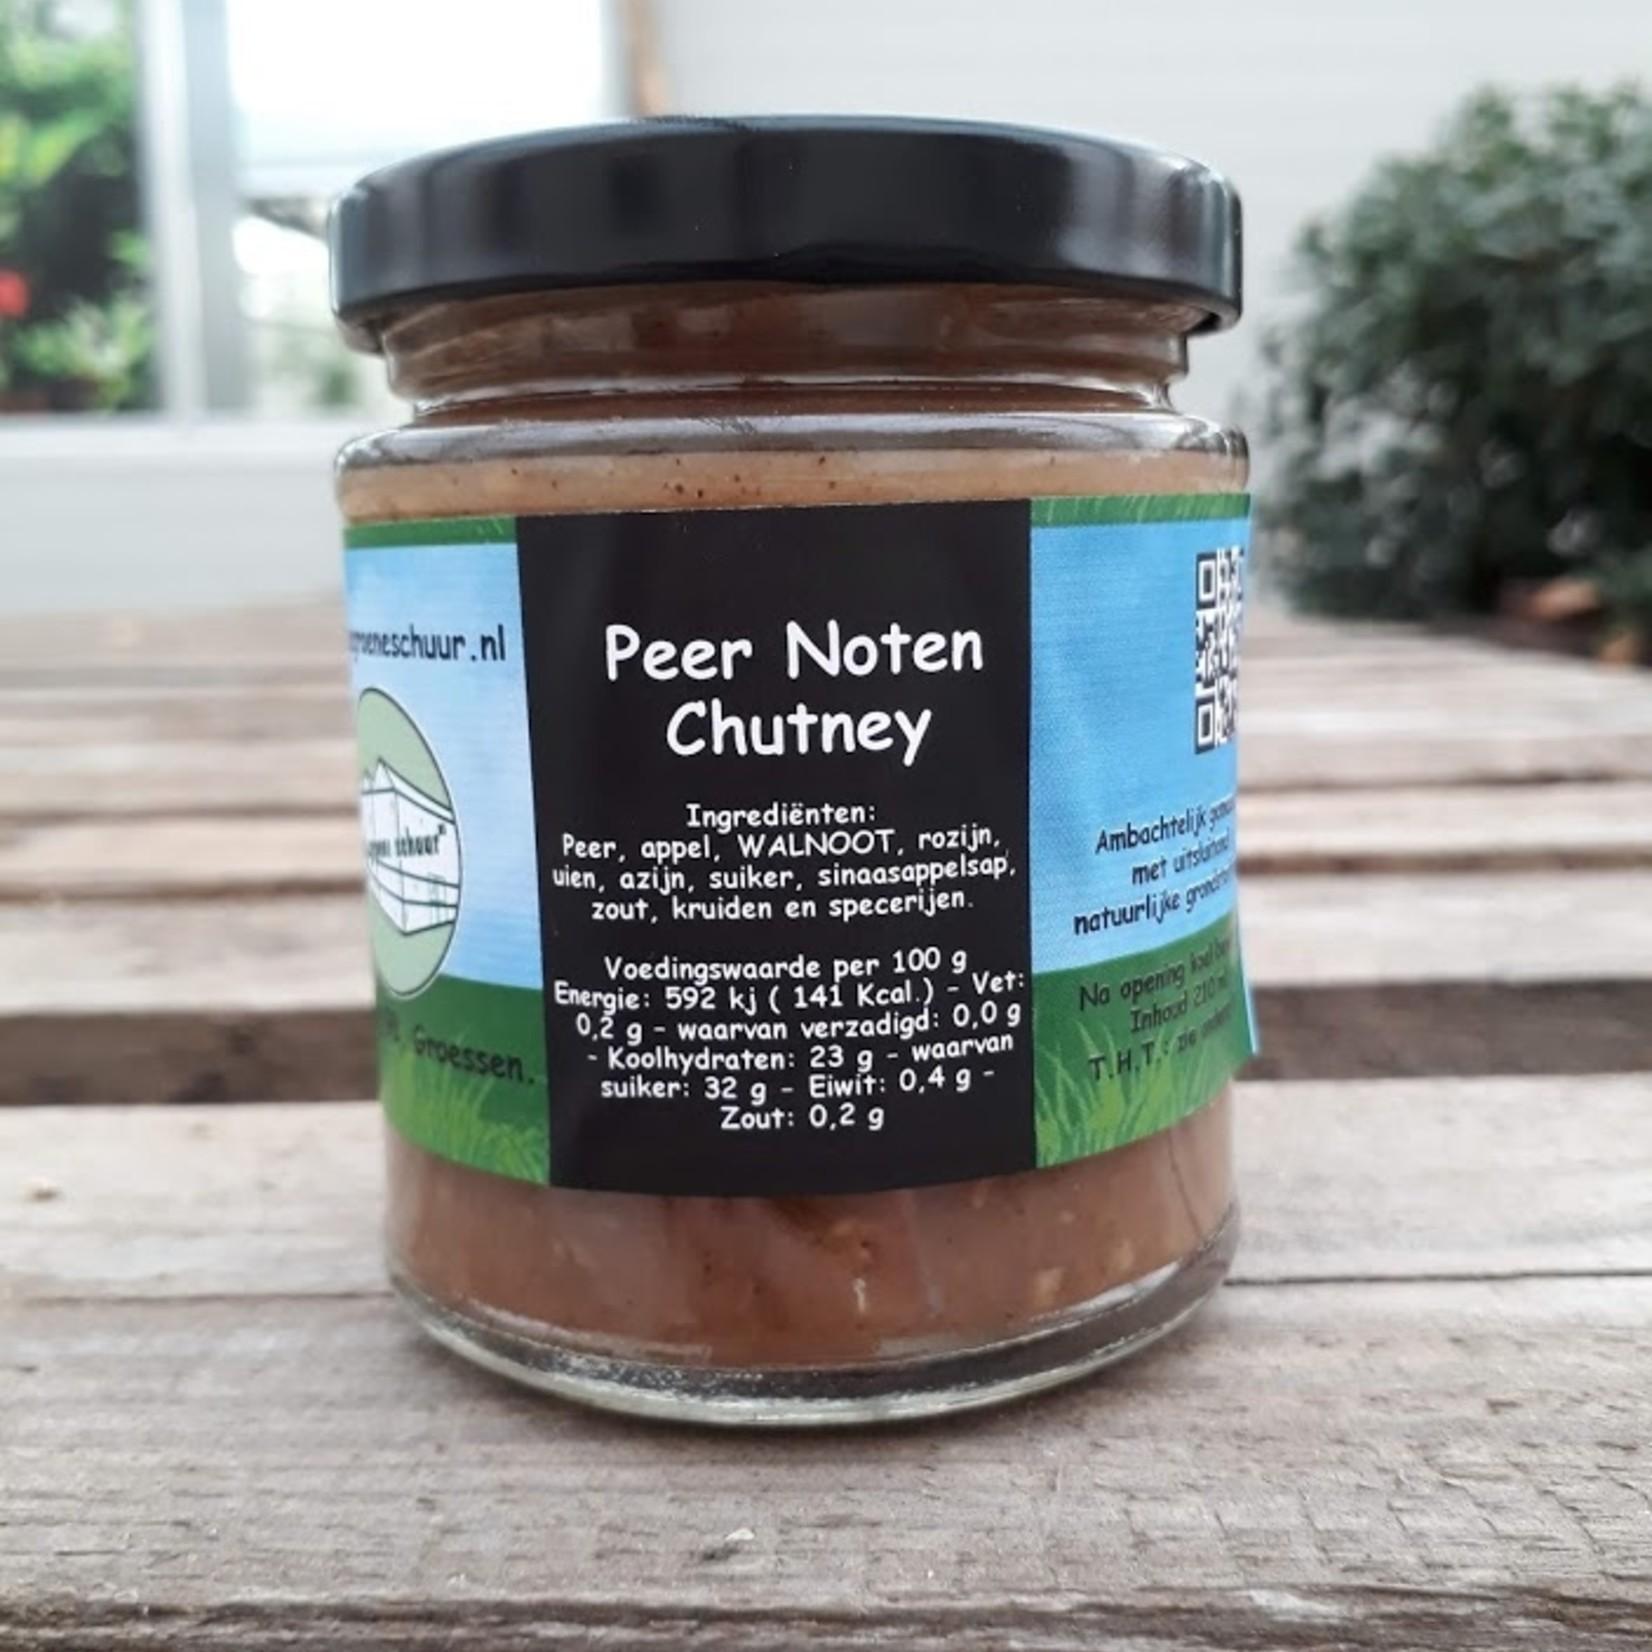 Peer-Noten chutney (De Groene Schuur)